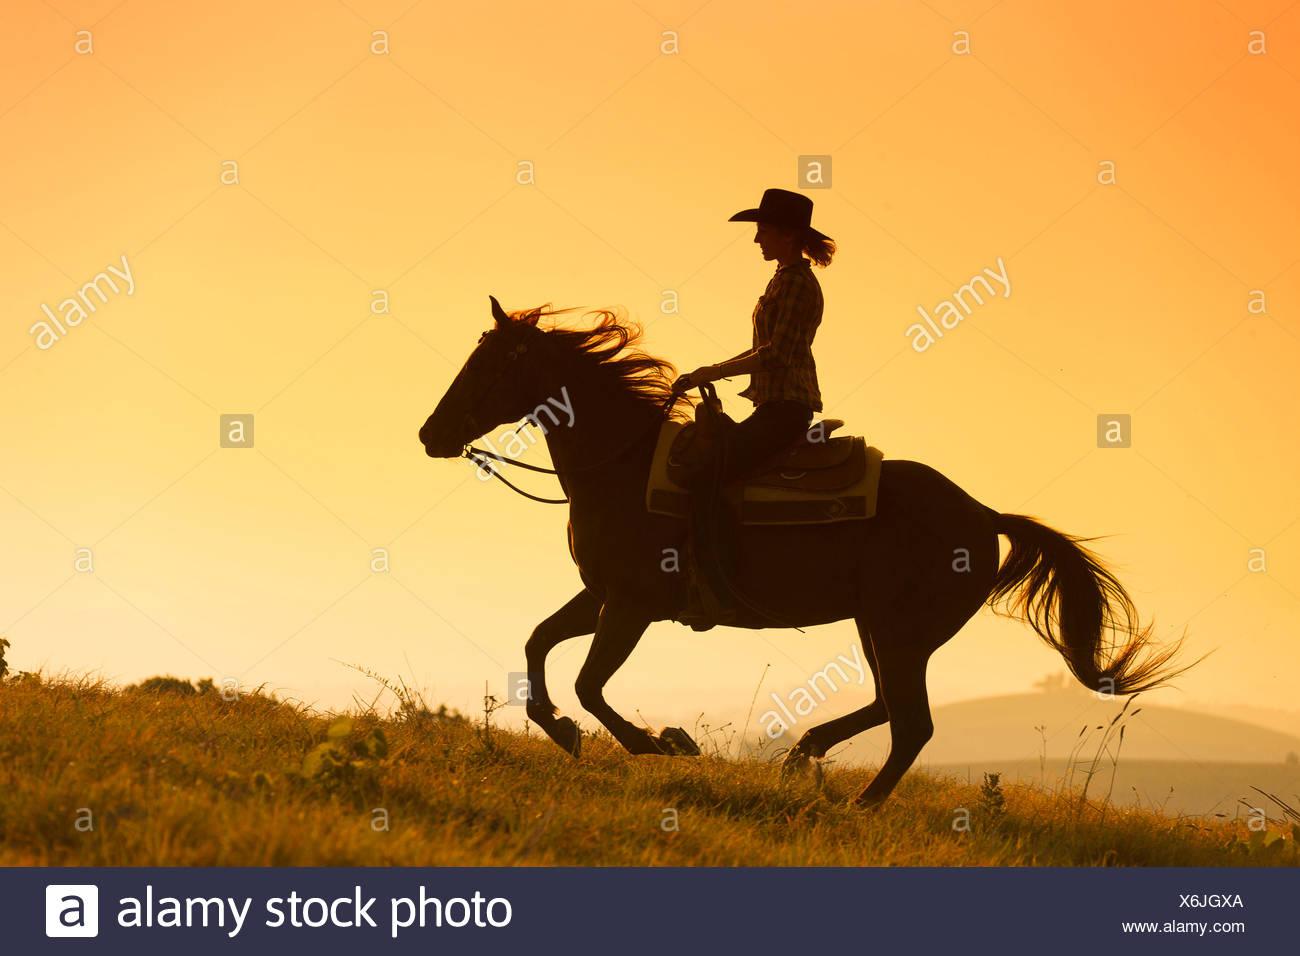 American Quarter Horse Rider castrado Castaño al galope, siluetas contra el cielo nocturno, Toscana, Italia Imagen De Stock